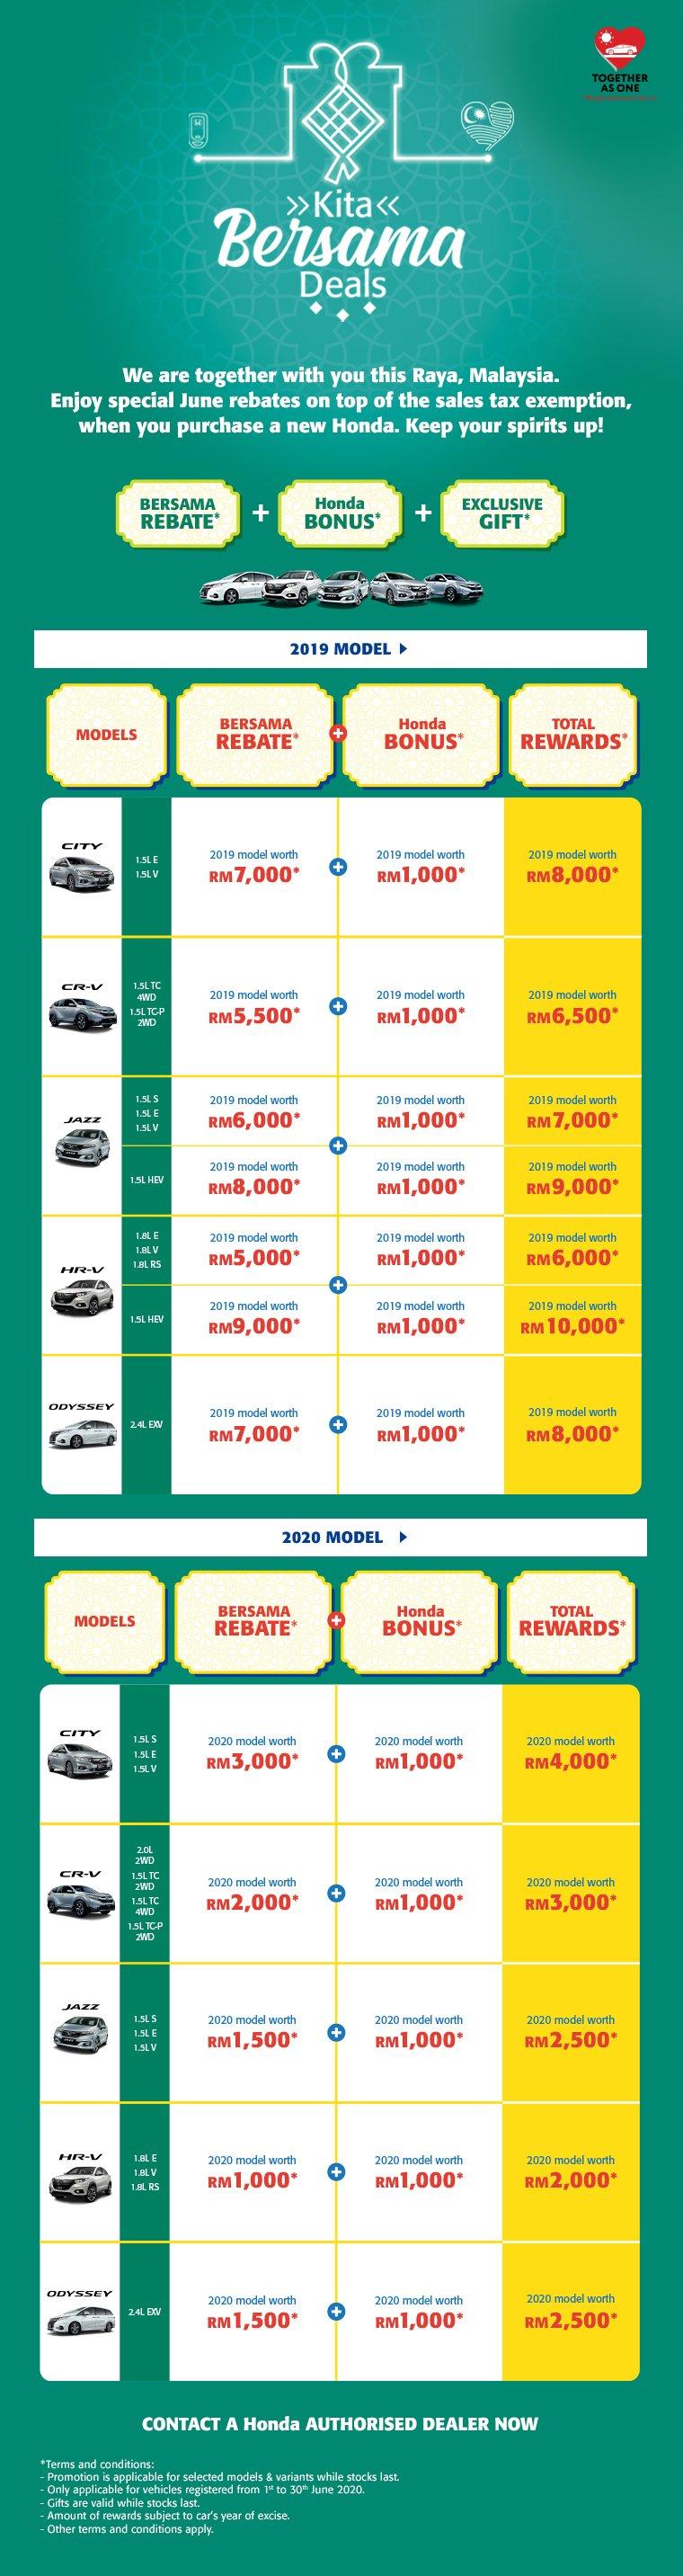 Dapatkan Honda Malaysia Promotion June 2020 Yang Terlajak Laris | Diskaun Wow-Wow